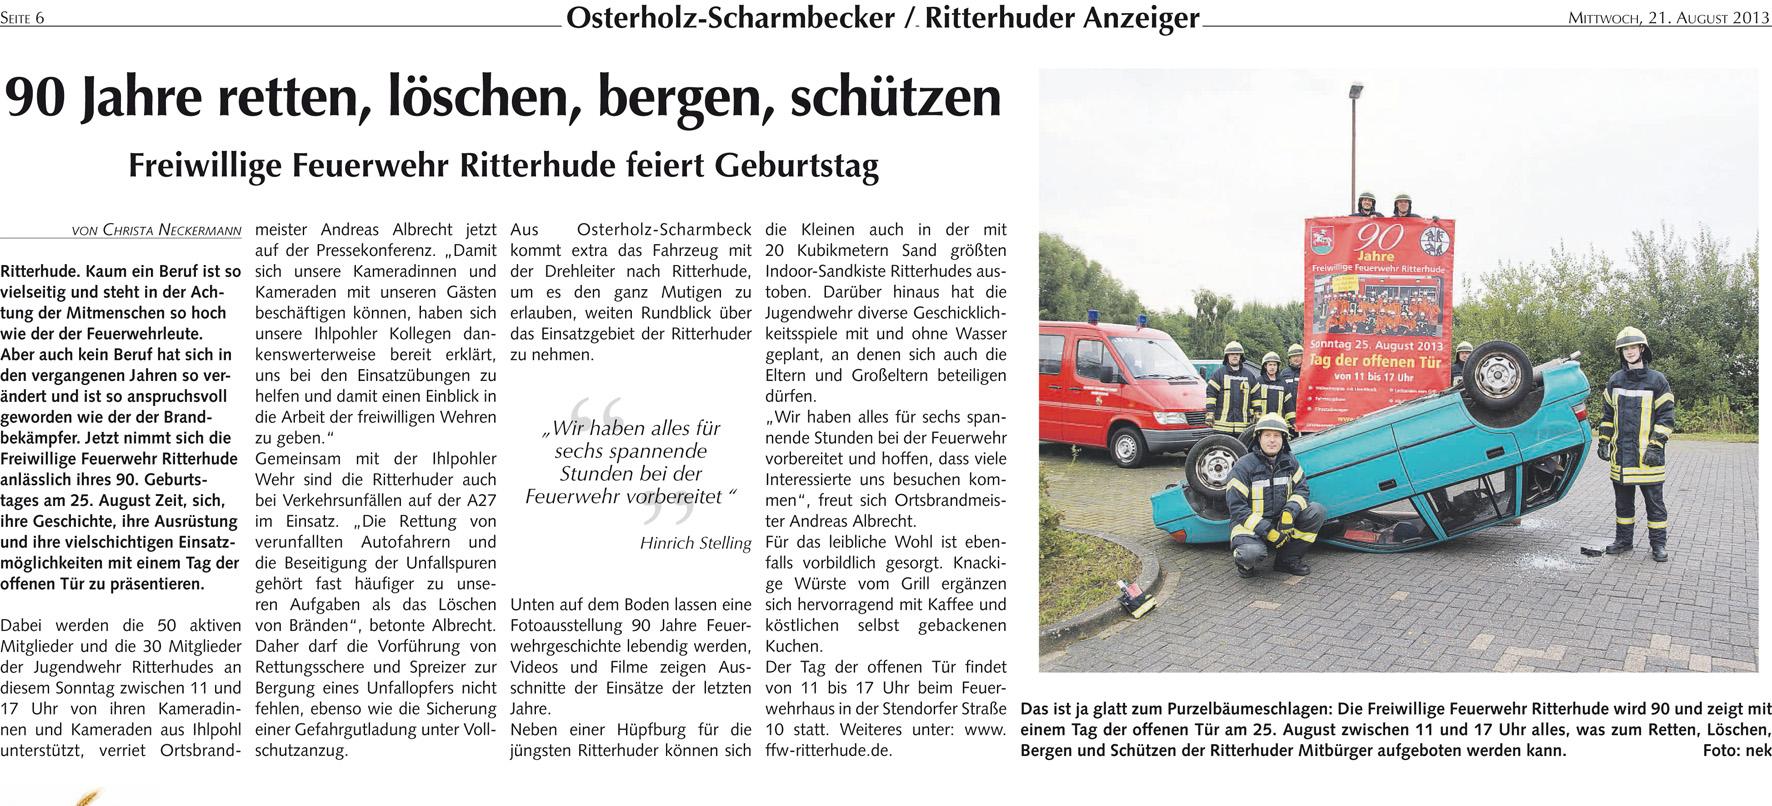 20130821_Anzeiger-OHZ